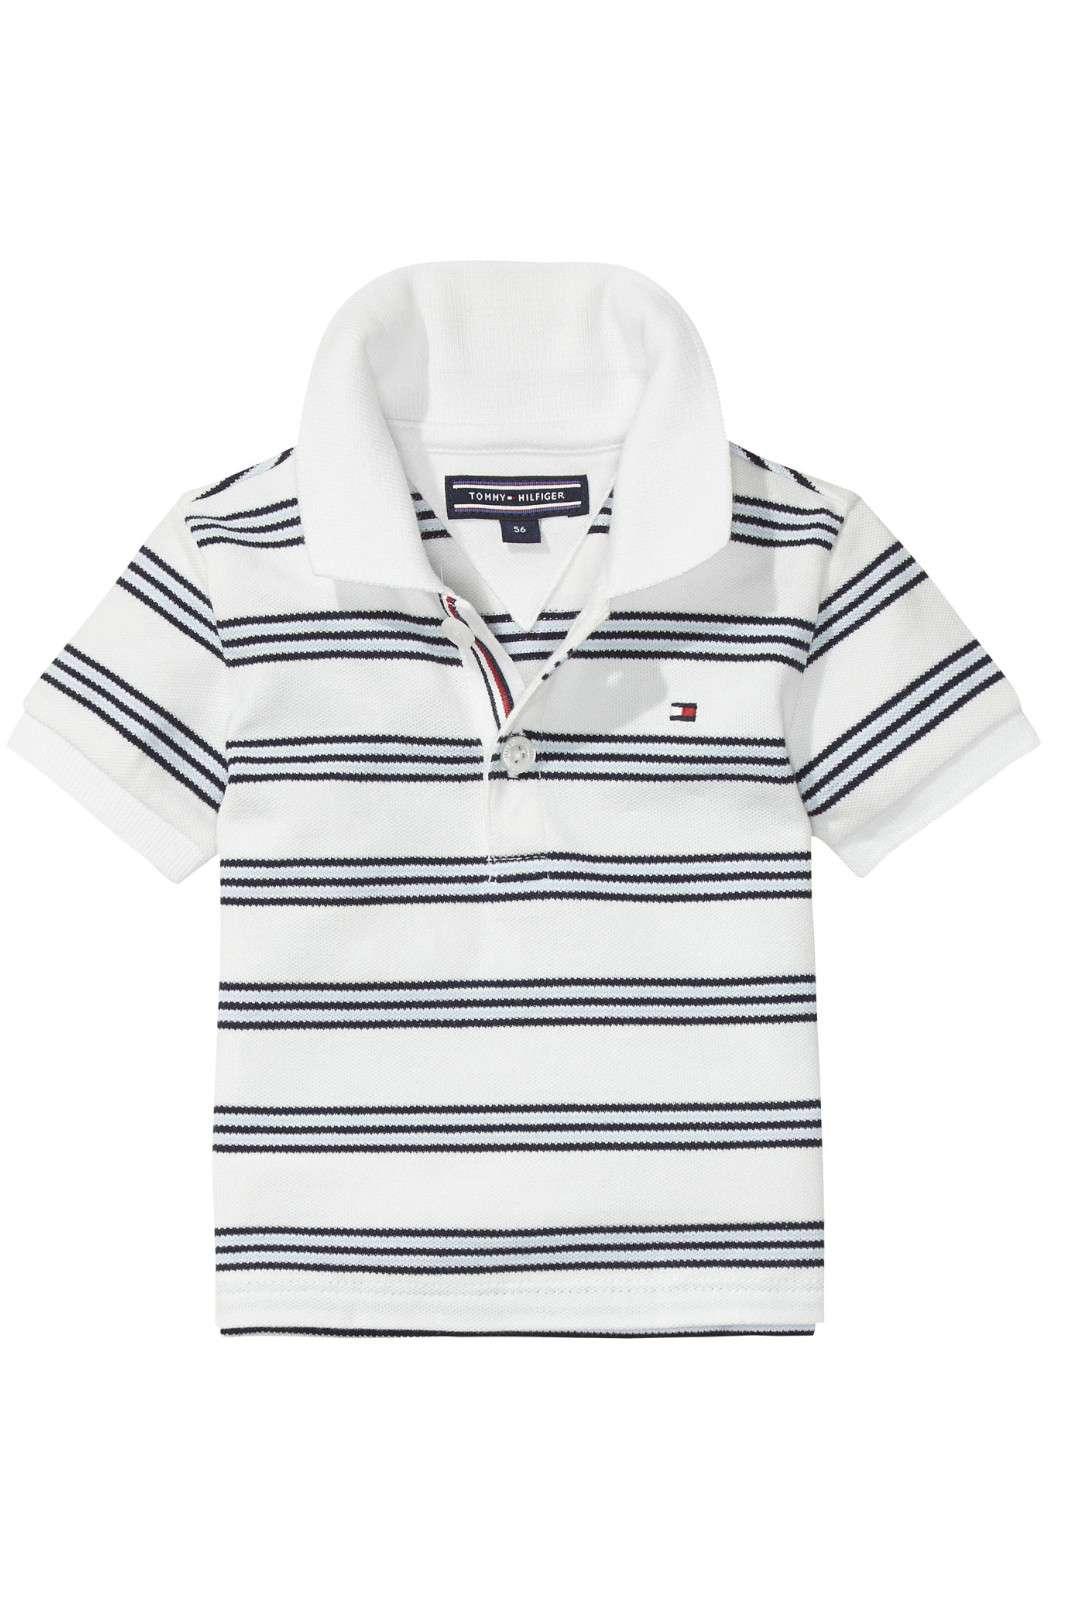 Semplice e delicata, la polo STRIPED BABY firmata Tommy Hilfiger. Perfetta per un look iconico e alla moda anche per i più piccoli.